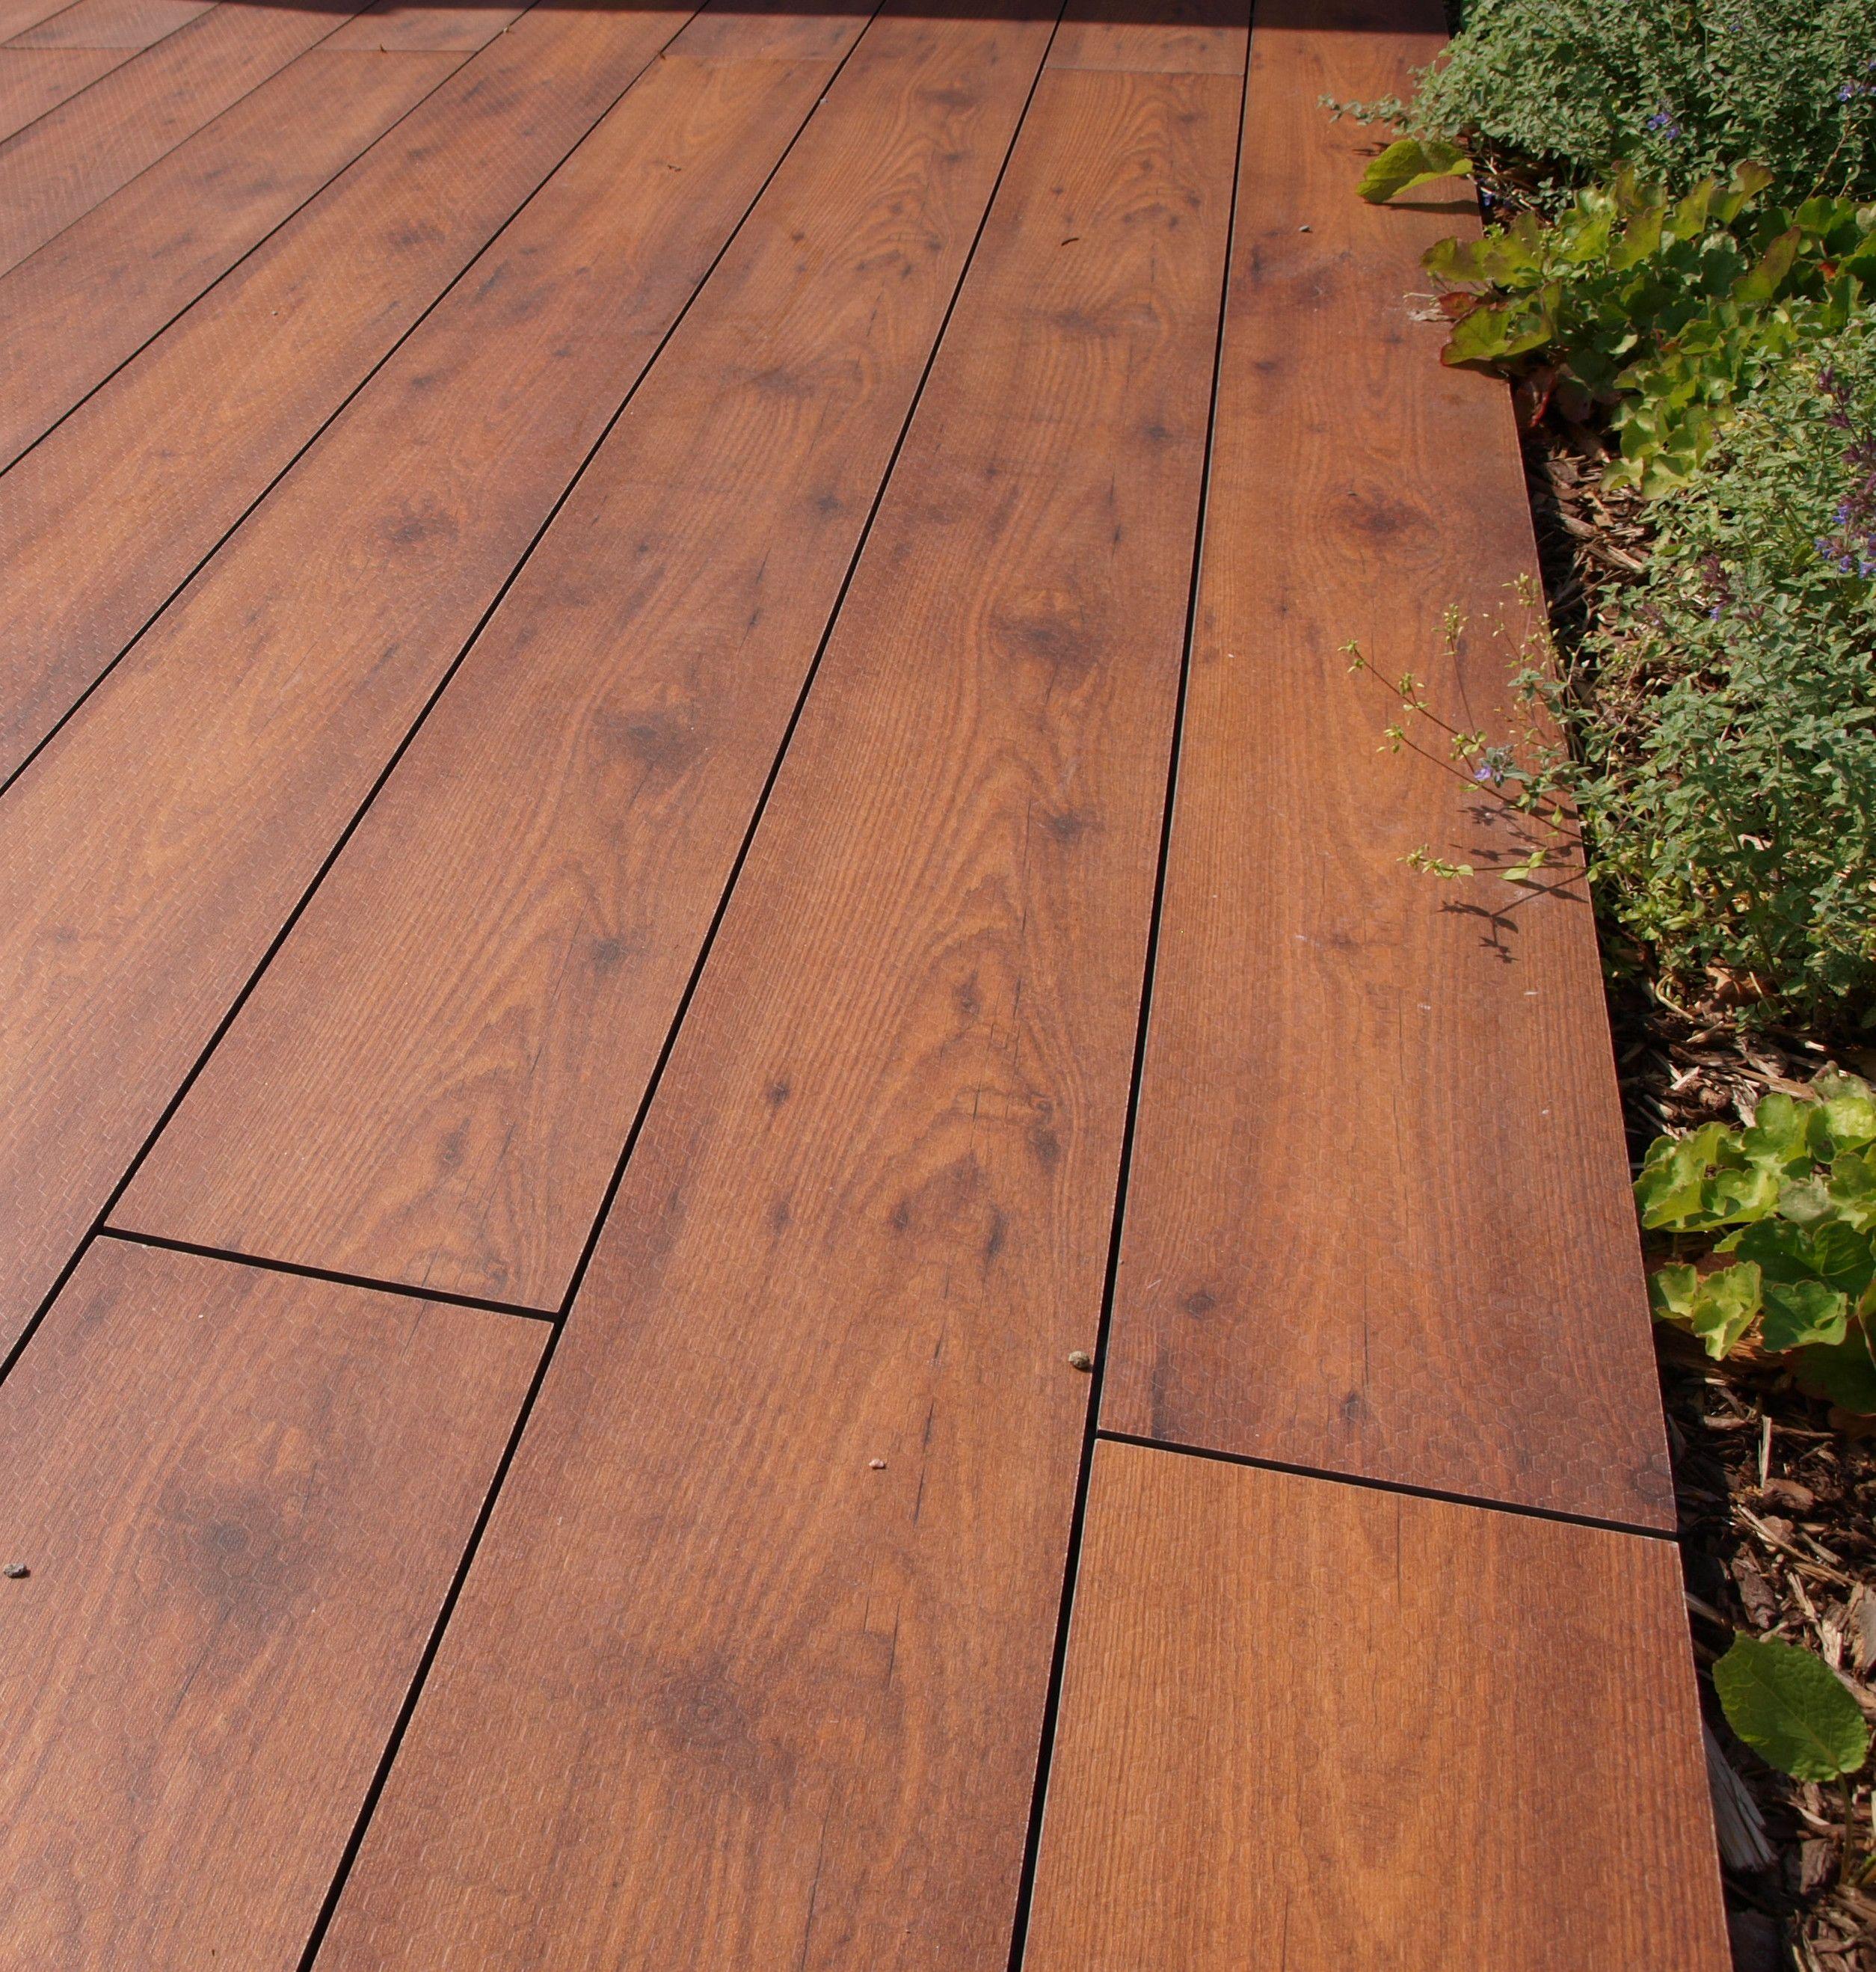 Outdoor Laminat Diele Larche 20cm Breite Starke 10mm Dachterrasse Belag Terrassenbelag Diele